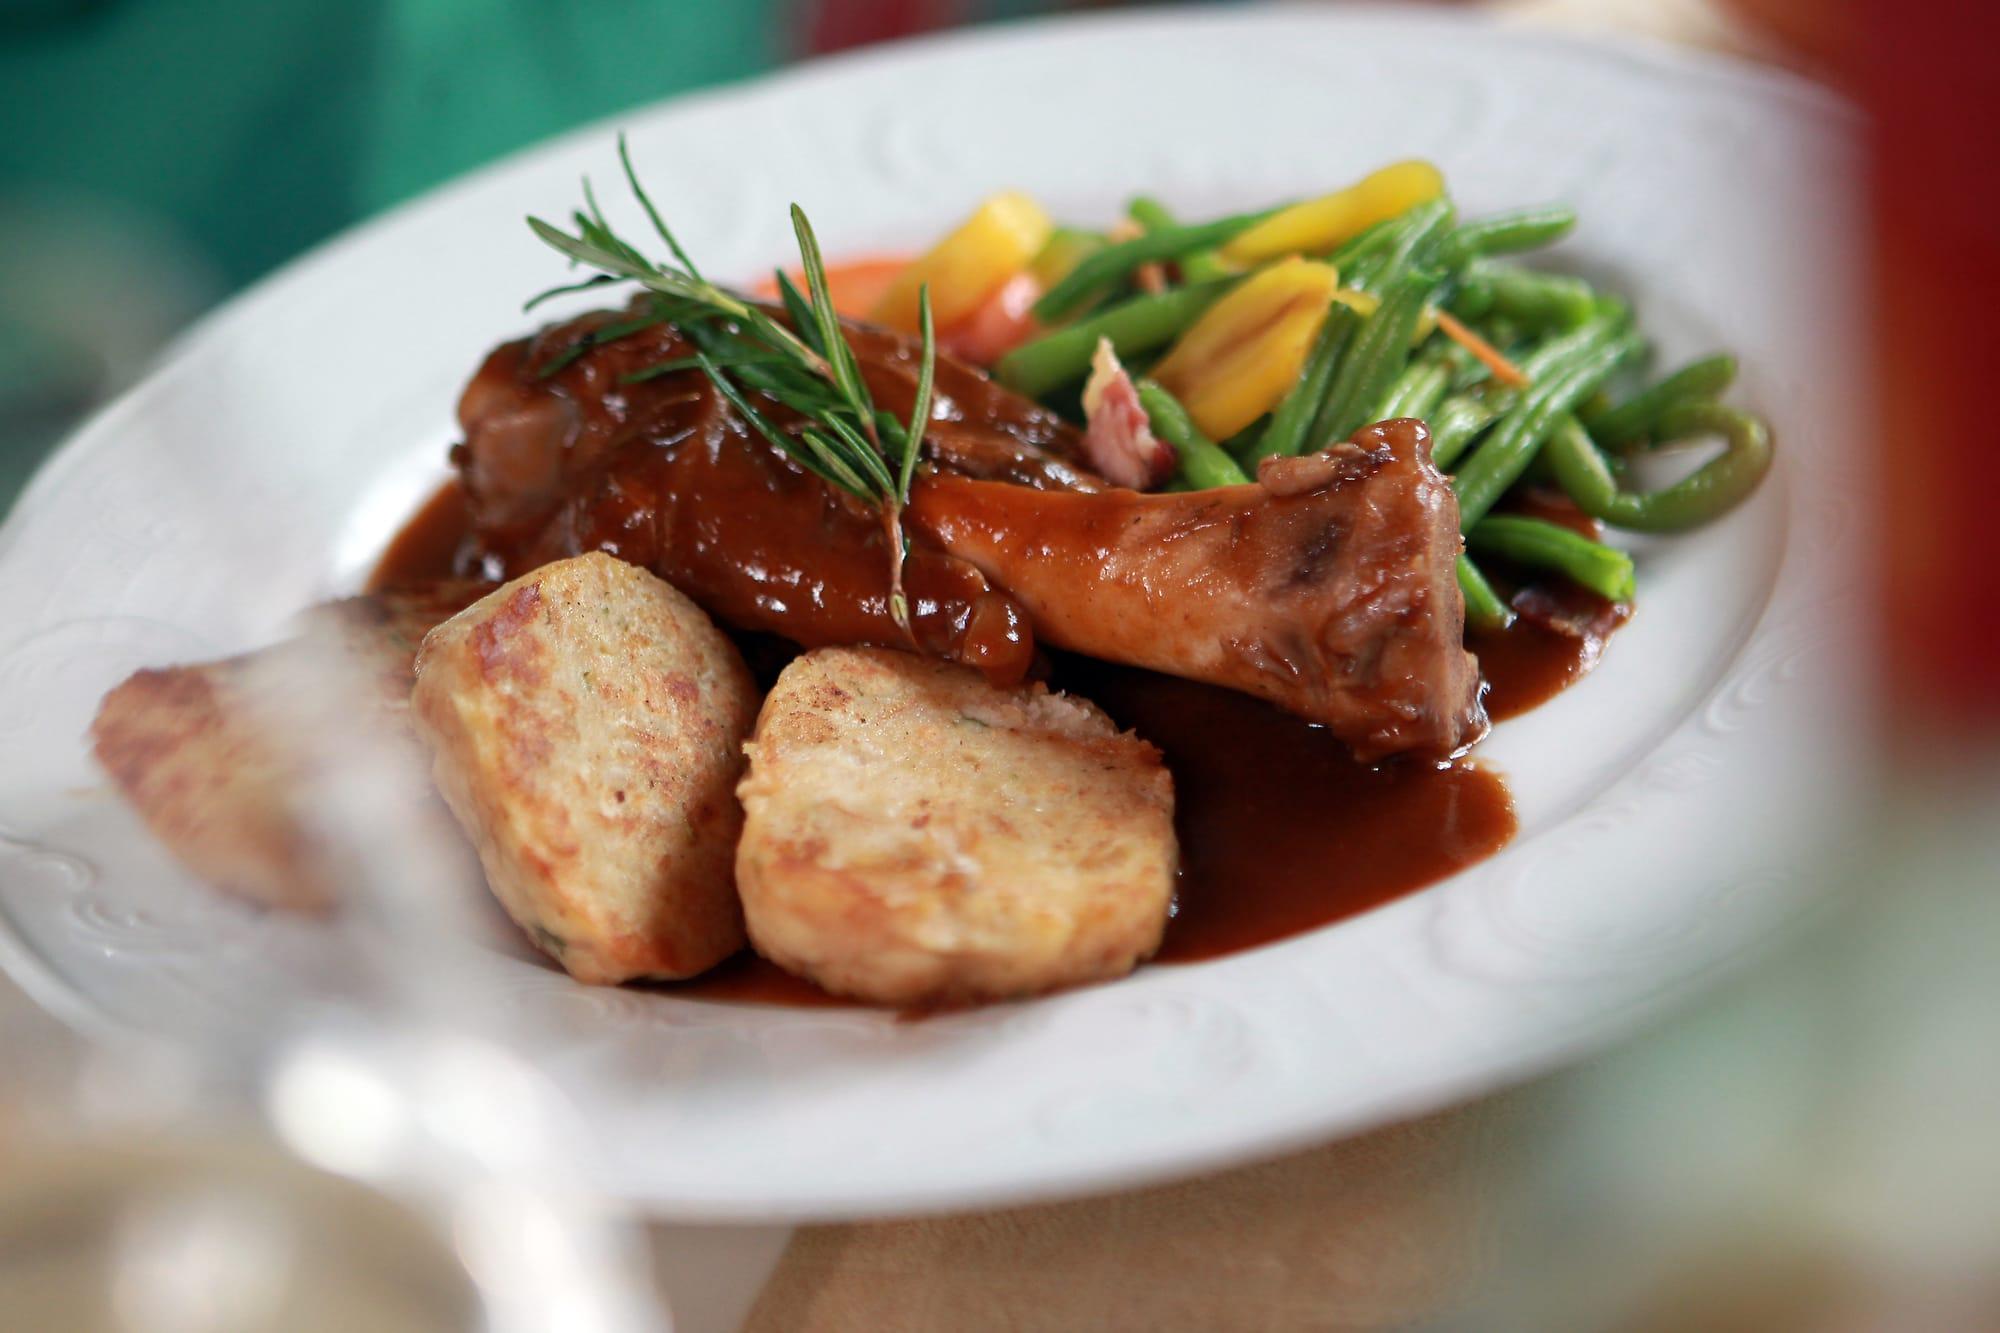 Slideshow Foto 3: Leckere Speisen bei Gasthof-Restaurant Dorfschmiede